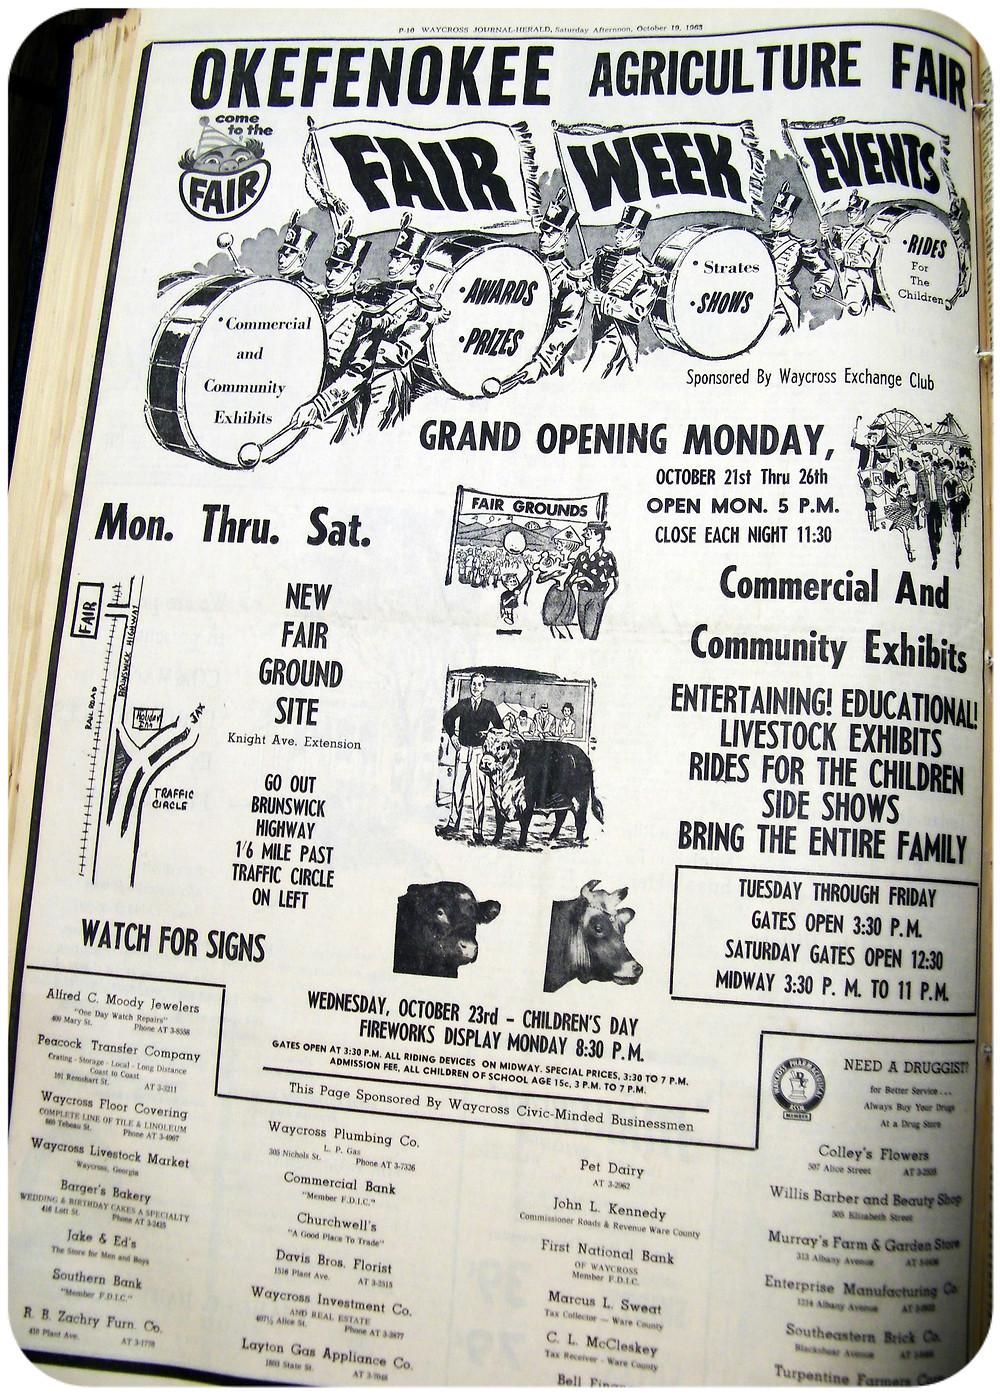 Waycross Journal-Herald ad.  October 19, 1963